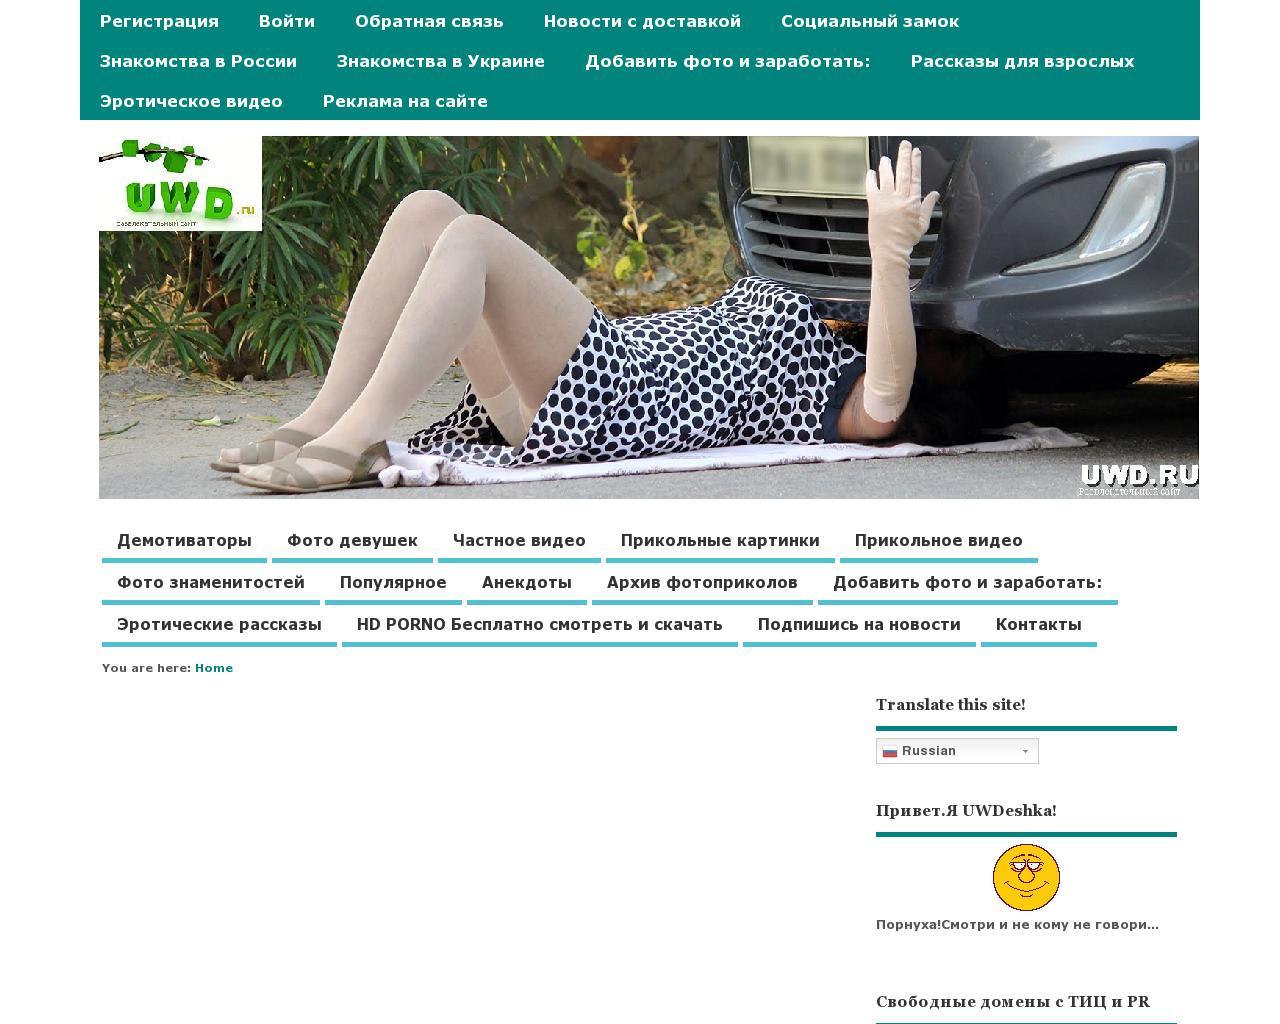 Развлекательные порно сайты смотреть бесплатно